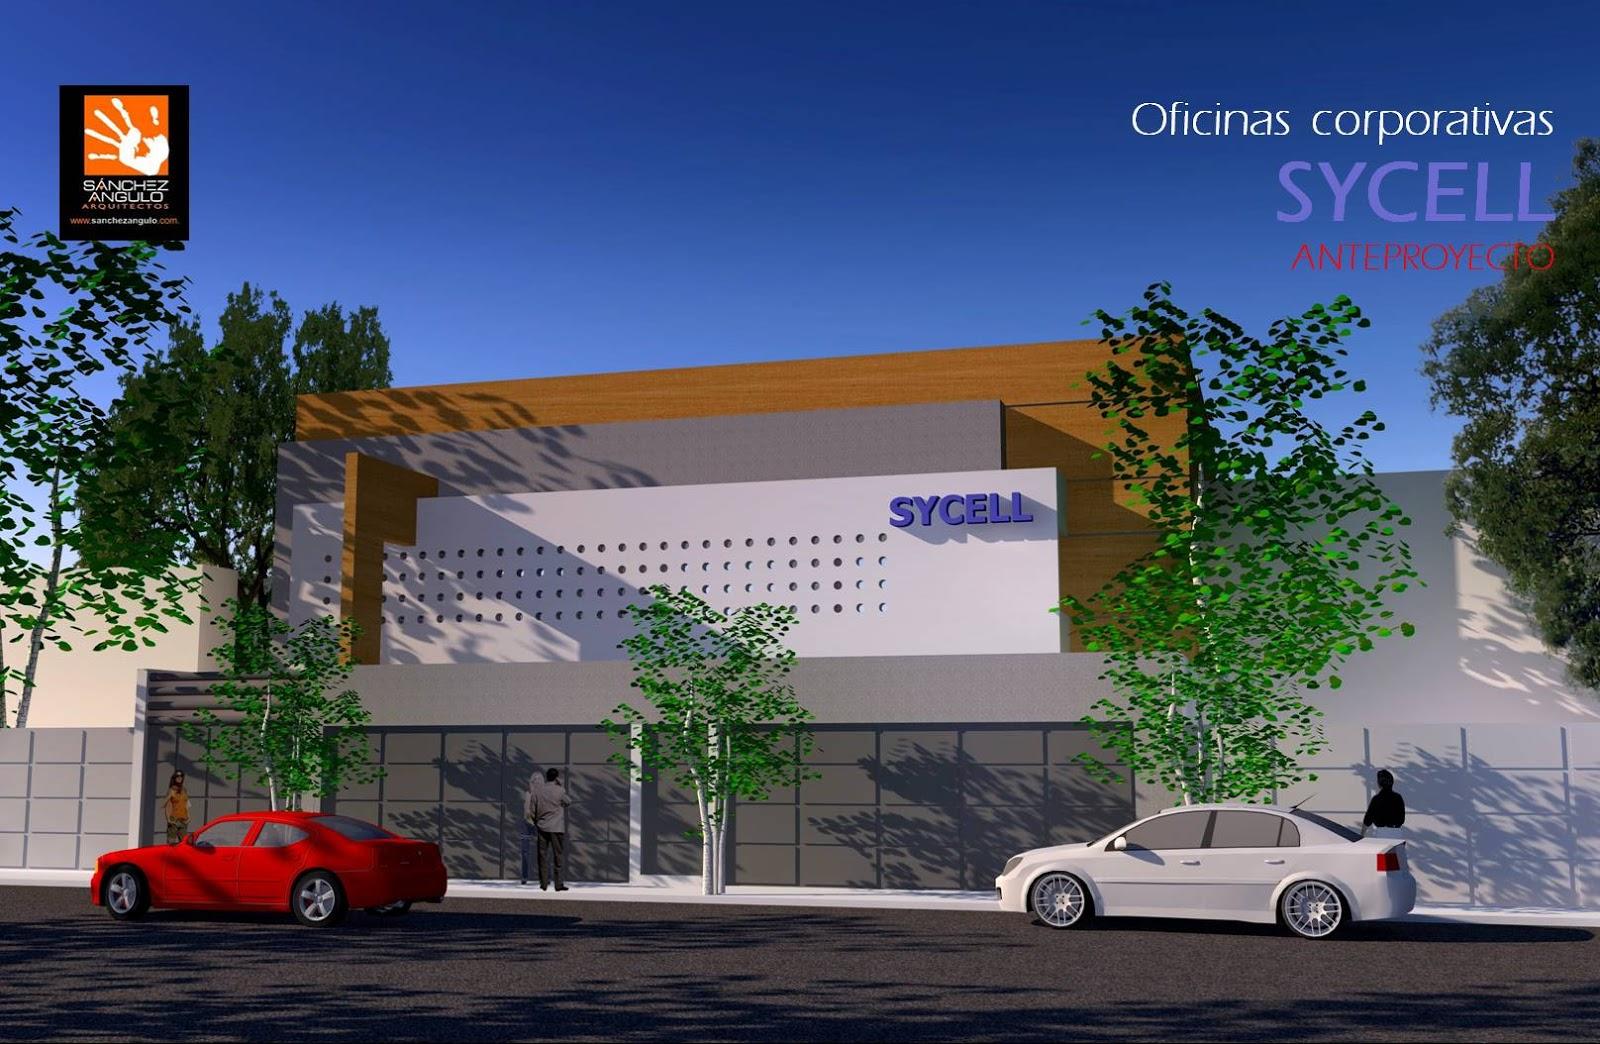 Sycell oficinas corporativas for Oficina de correos guadalajara